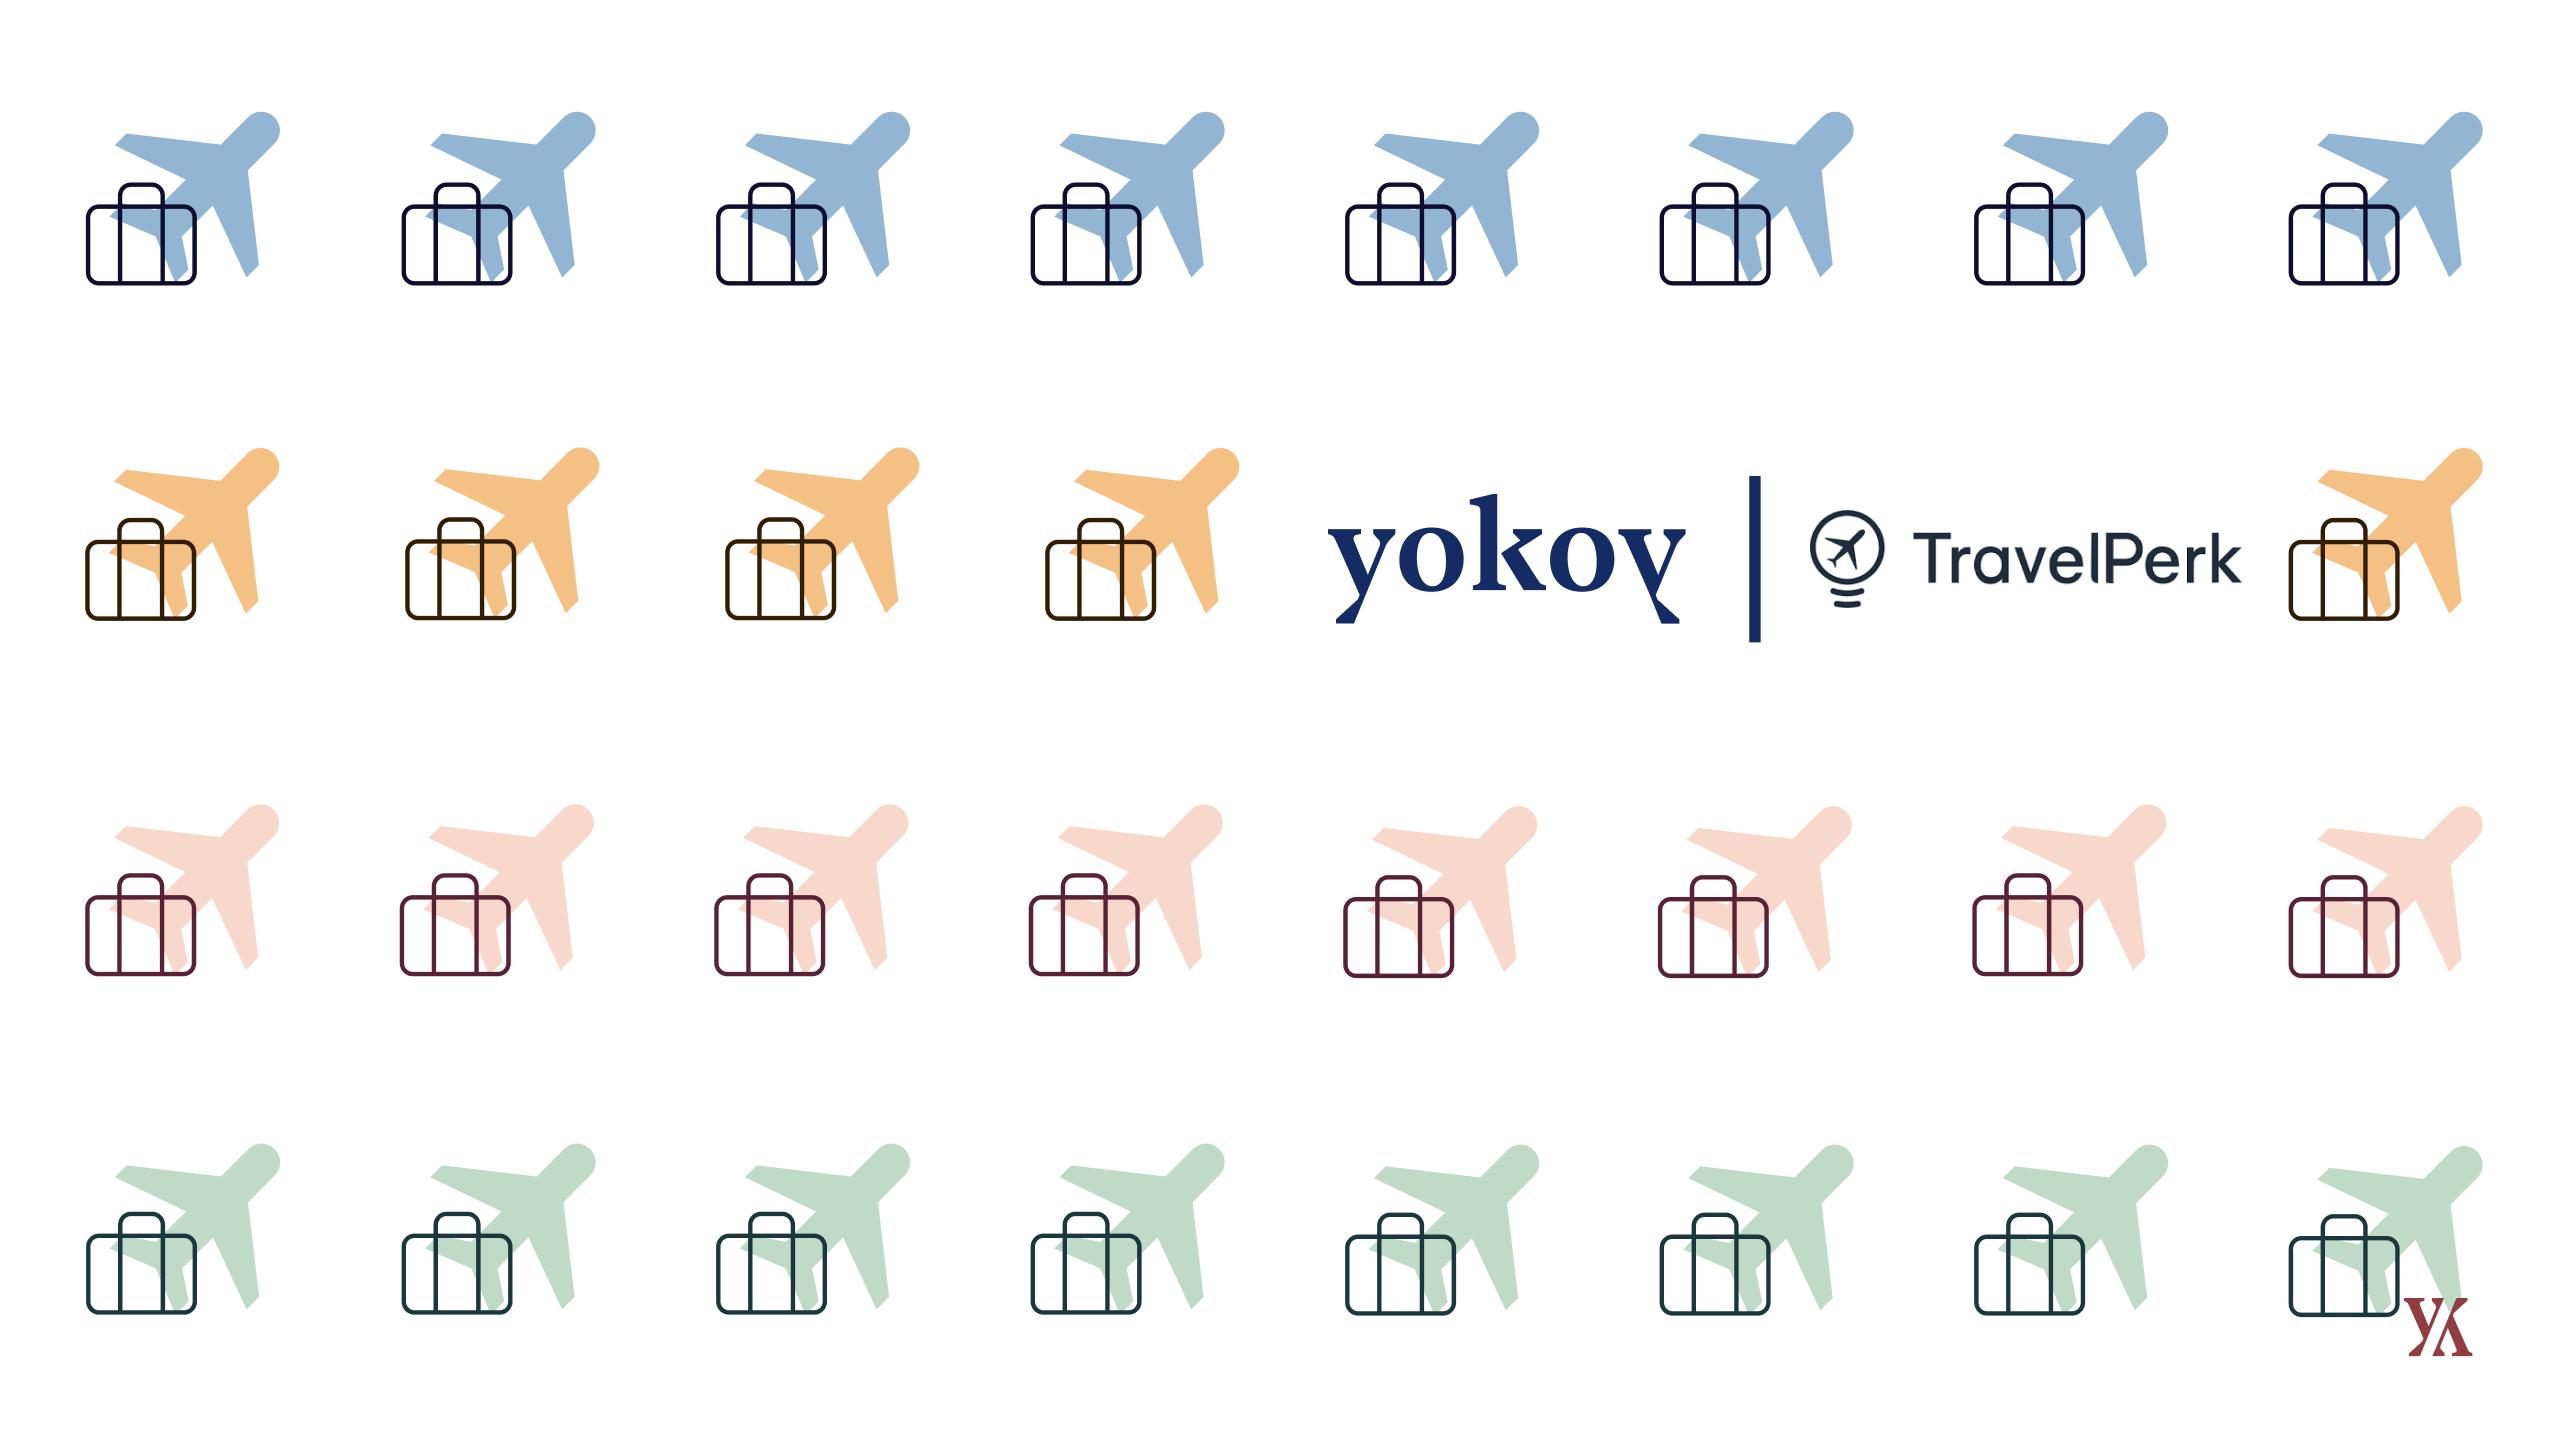 Ein Banner für die Partnerschaft zwischen Yokoy und TravelPerk